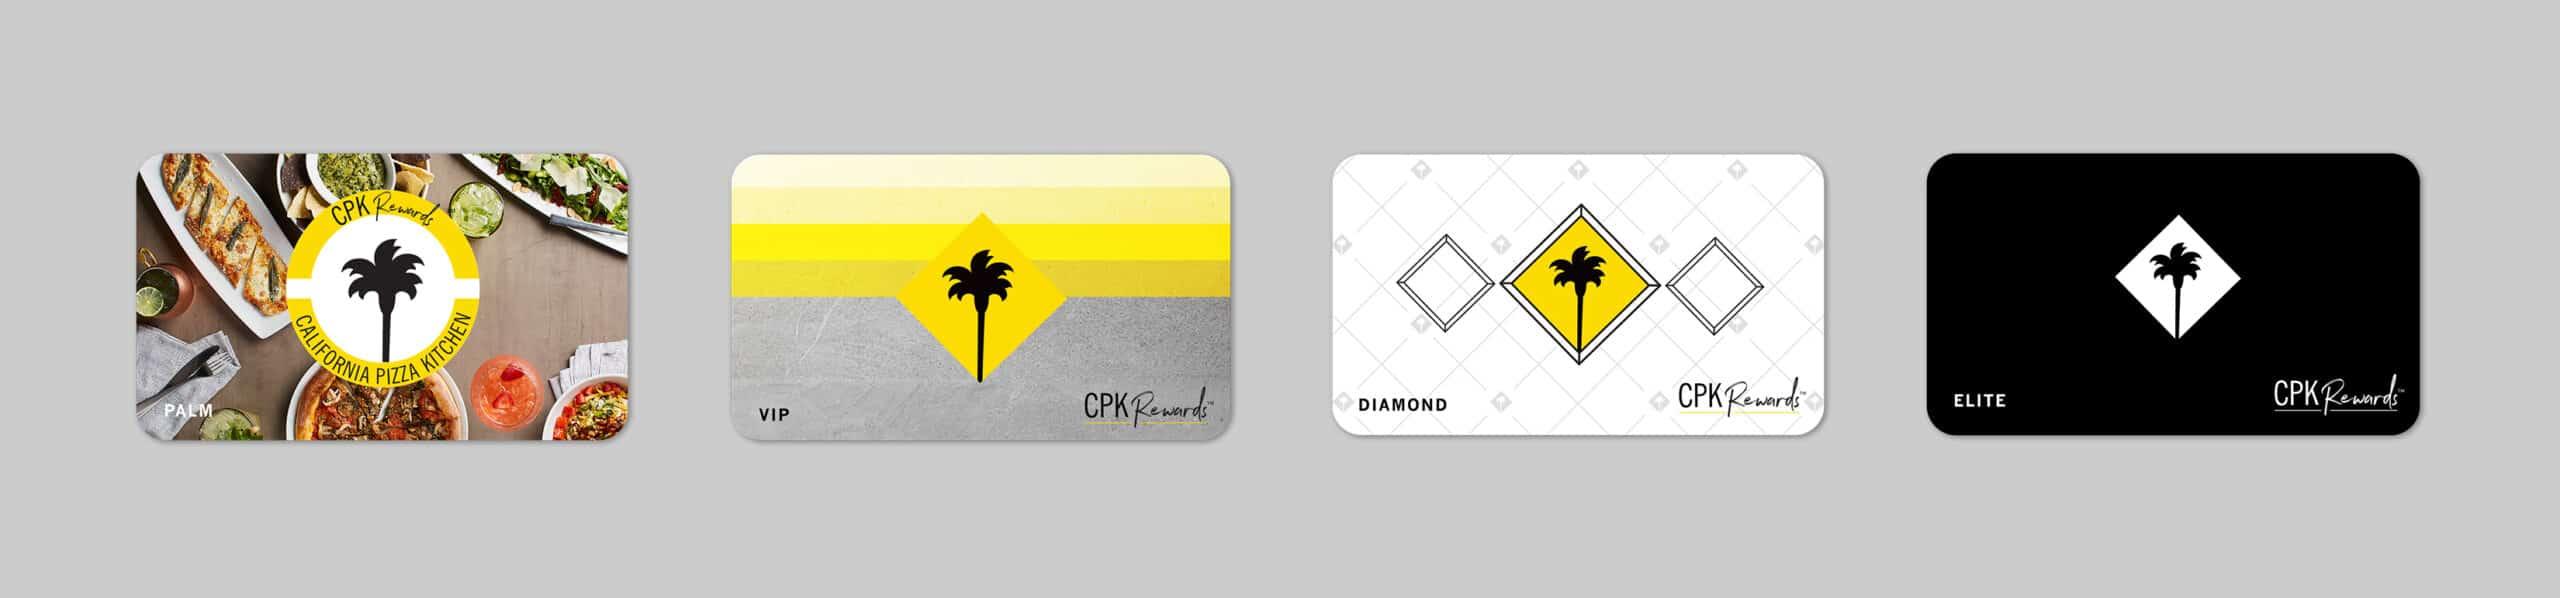 CPK_Rewards_Cards_Stellen_Design